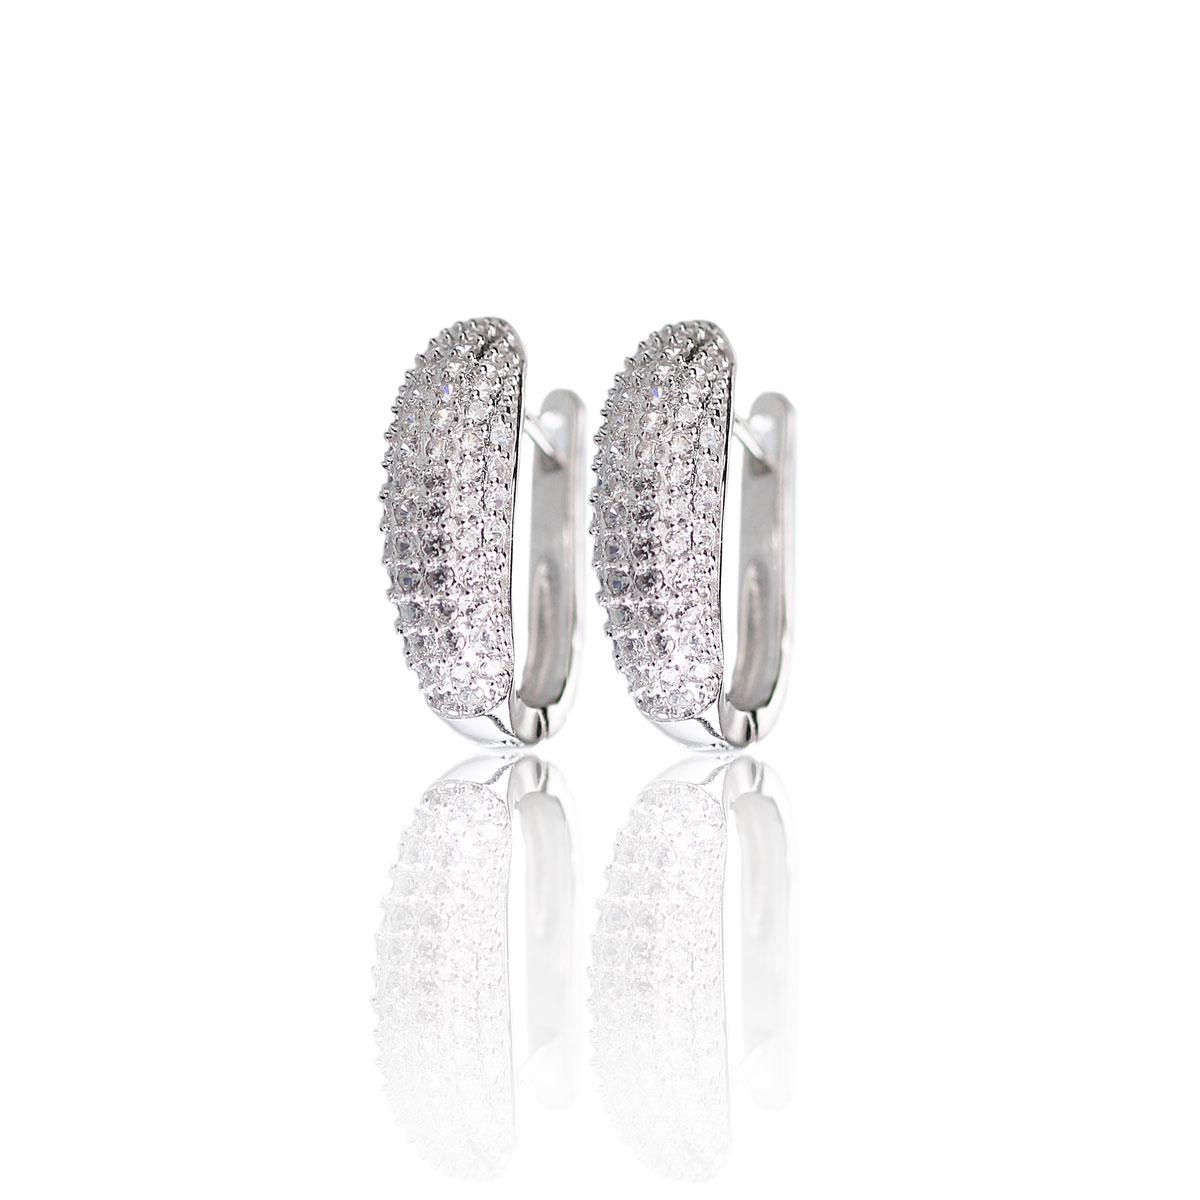 Cashs Ireland, Crystal Pave Sterling Silver Hoop Pierced Earrings Pair